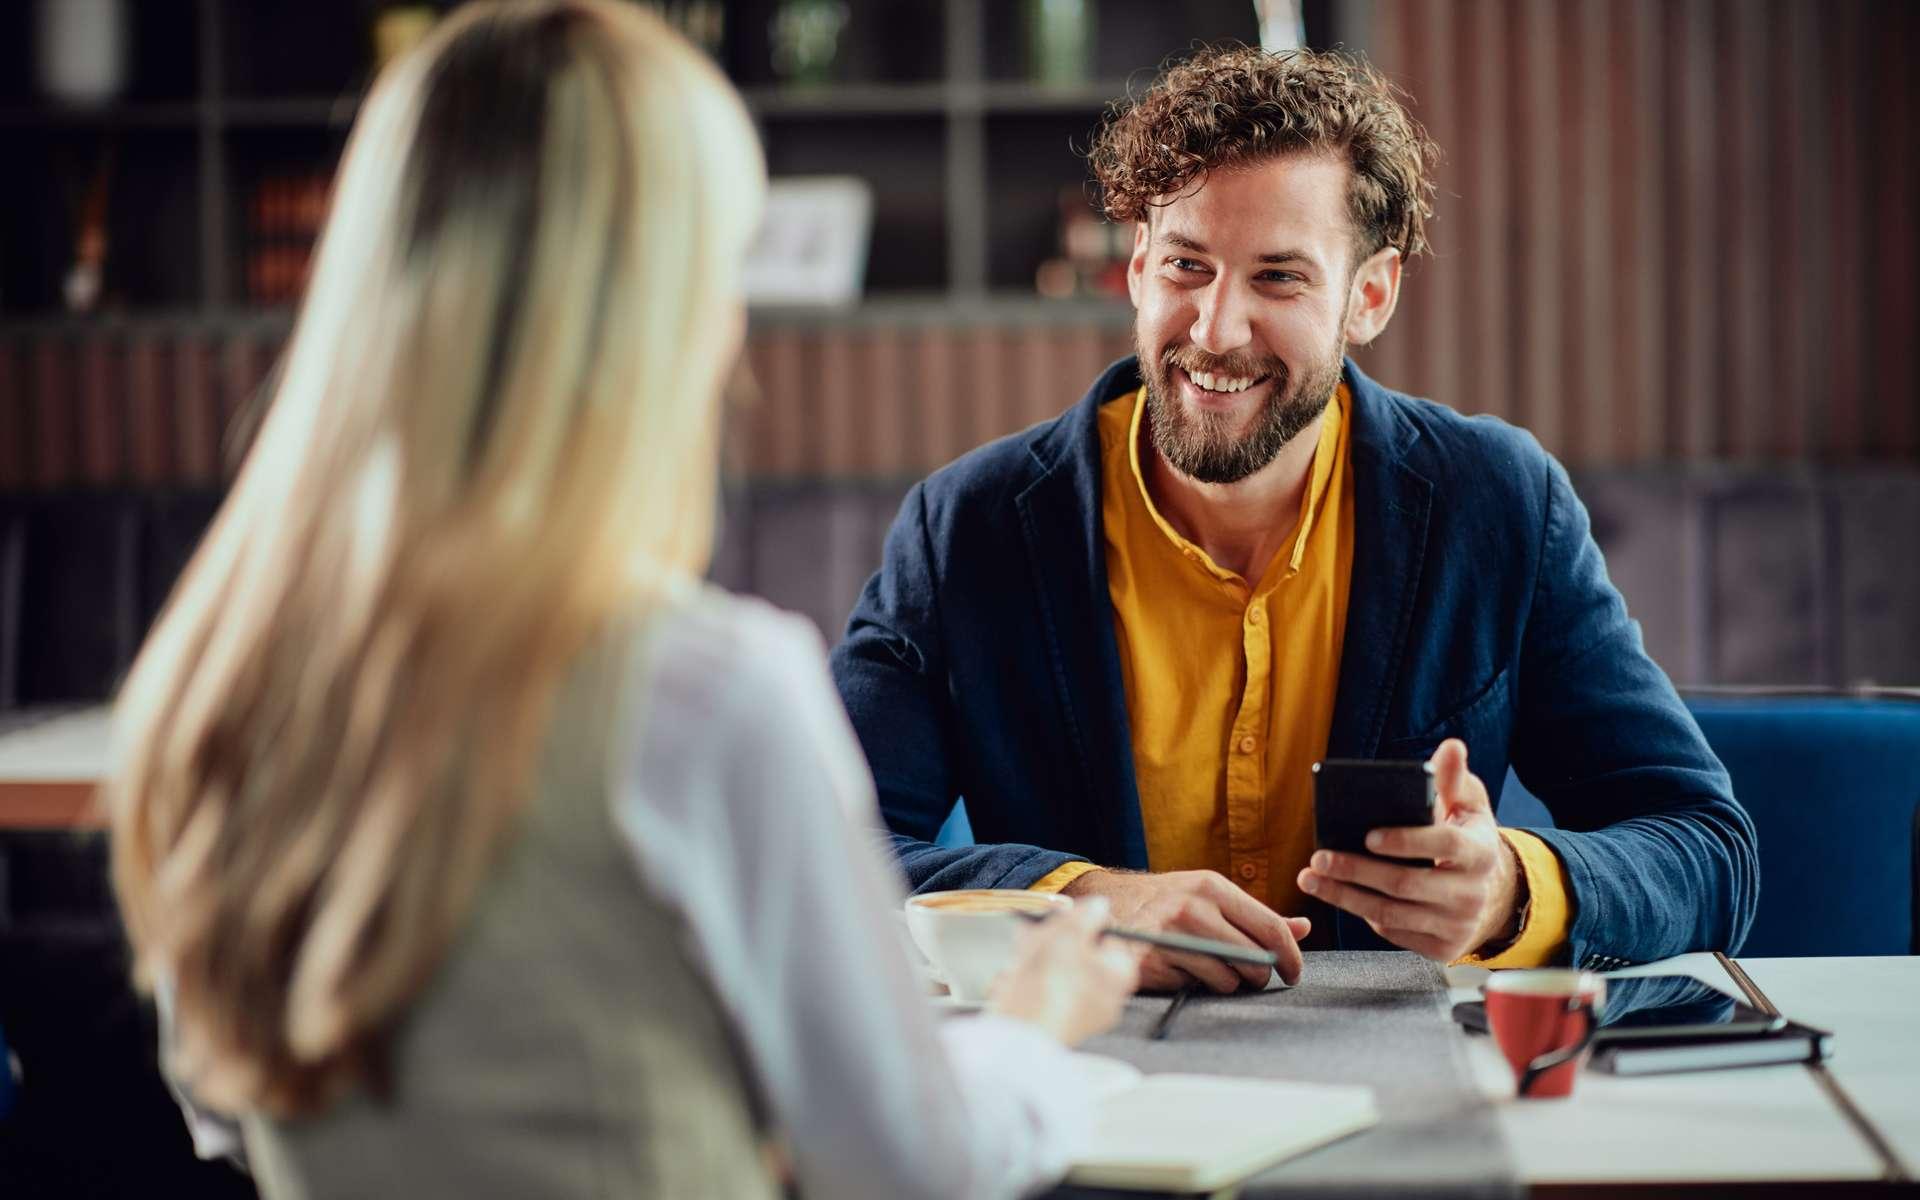 Le portage salarial vous permet d'exercer votre métier en toute autonomie, tout en bénéficiant notamment des avantages liés au statut de salarié. © Chica_milan, Adobe Stock